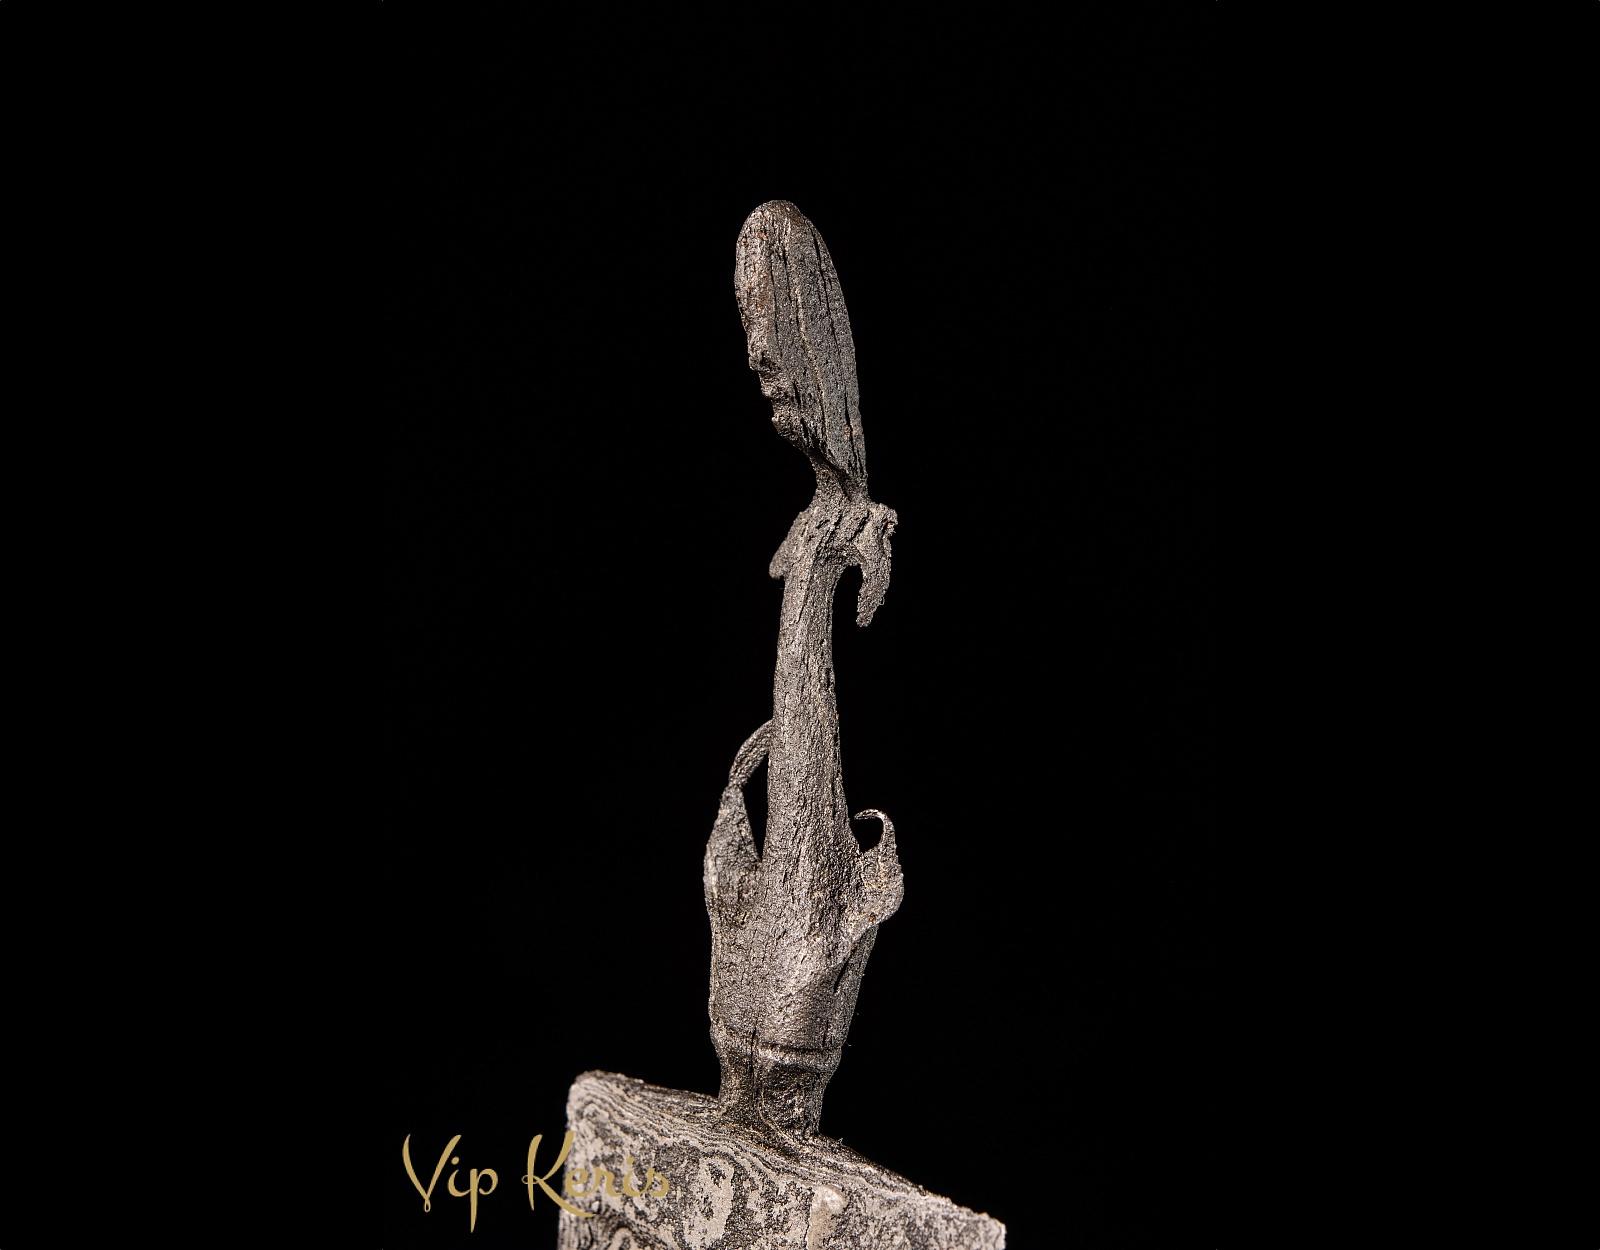 Кинжал Крис Sajen Kadu фото VipKeris